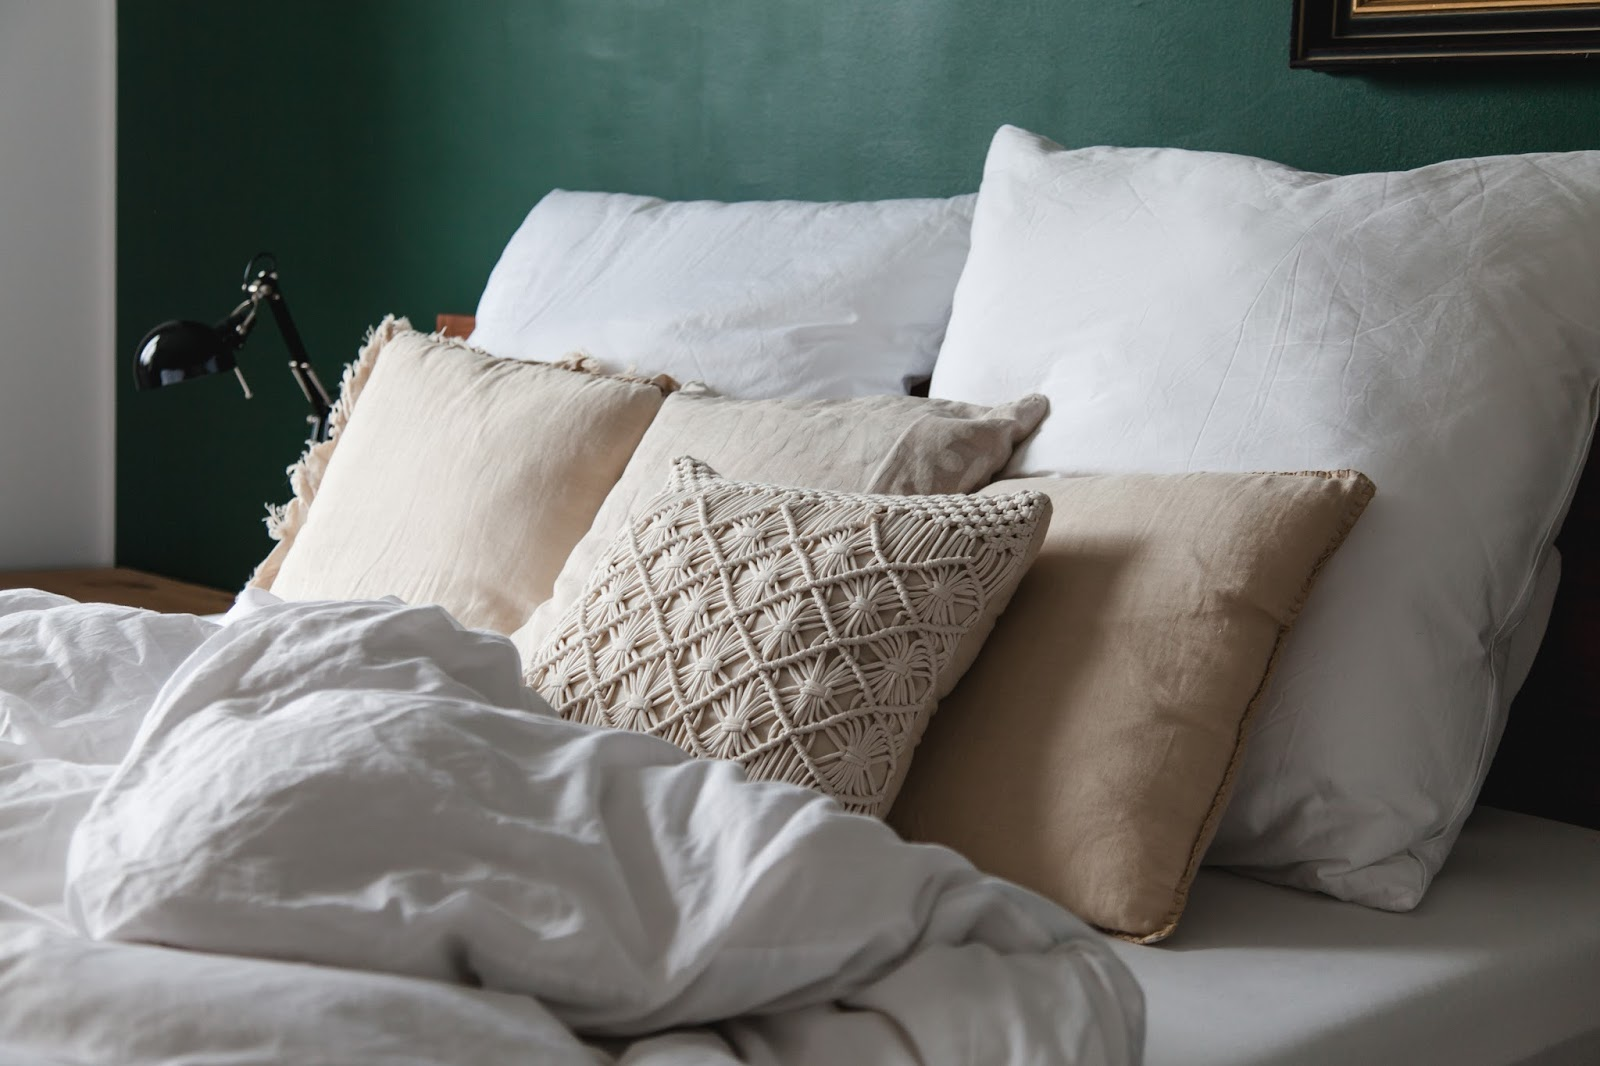 Bettwäsche Bei Wieviel Grad Waschen Perkal Bettwäsche Bilder